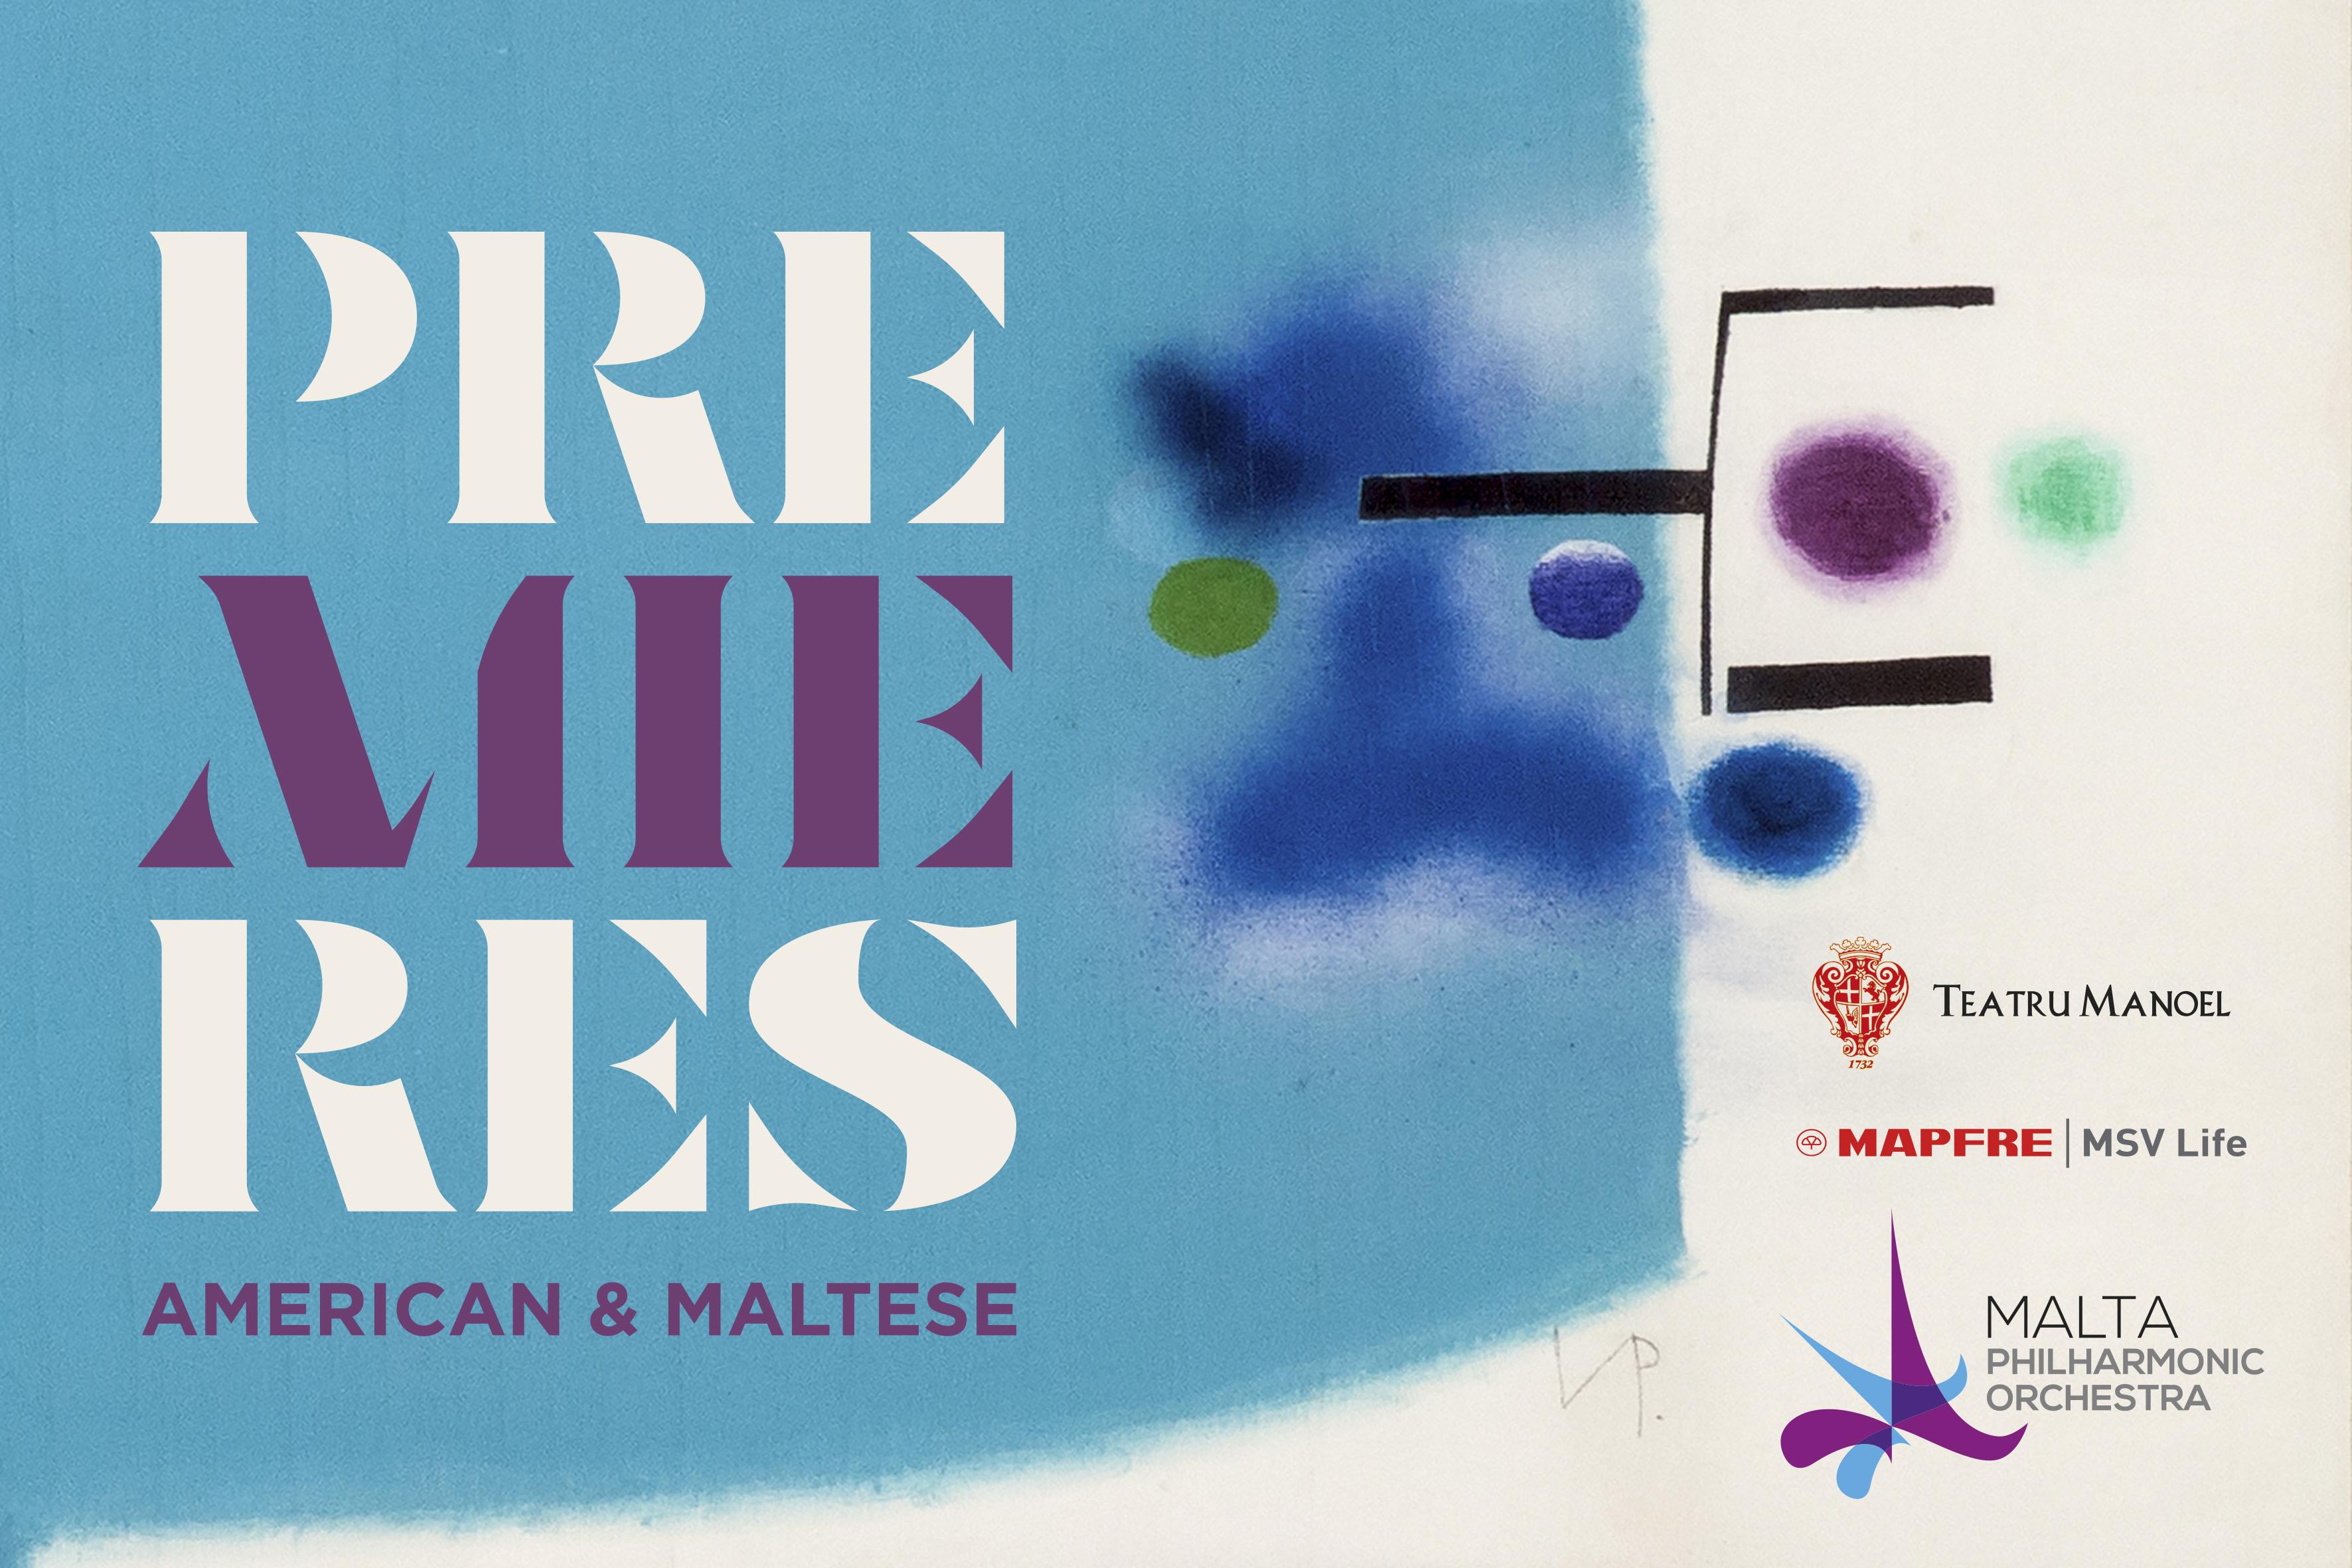 Premieres - American & Maltese